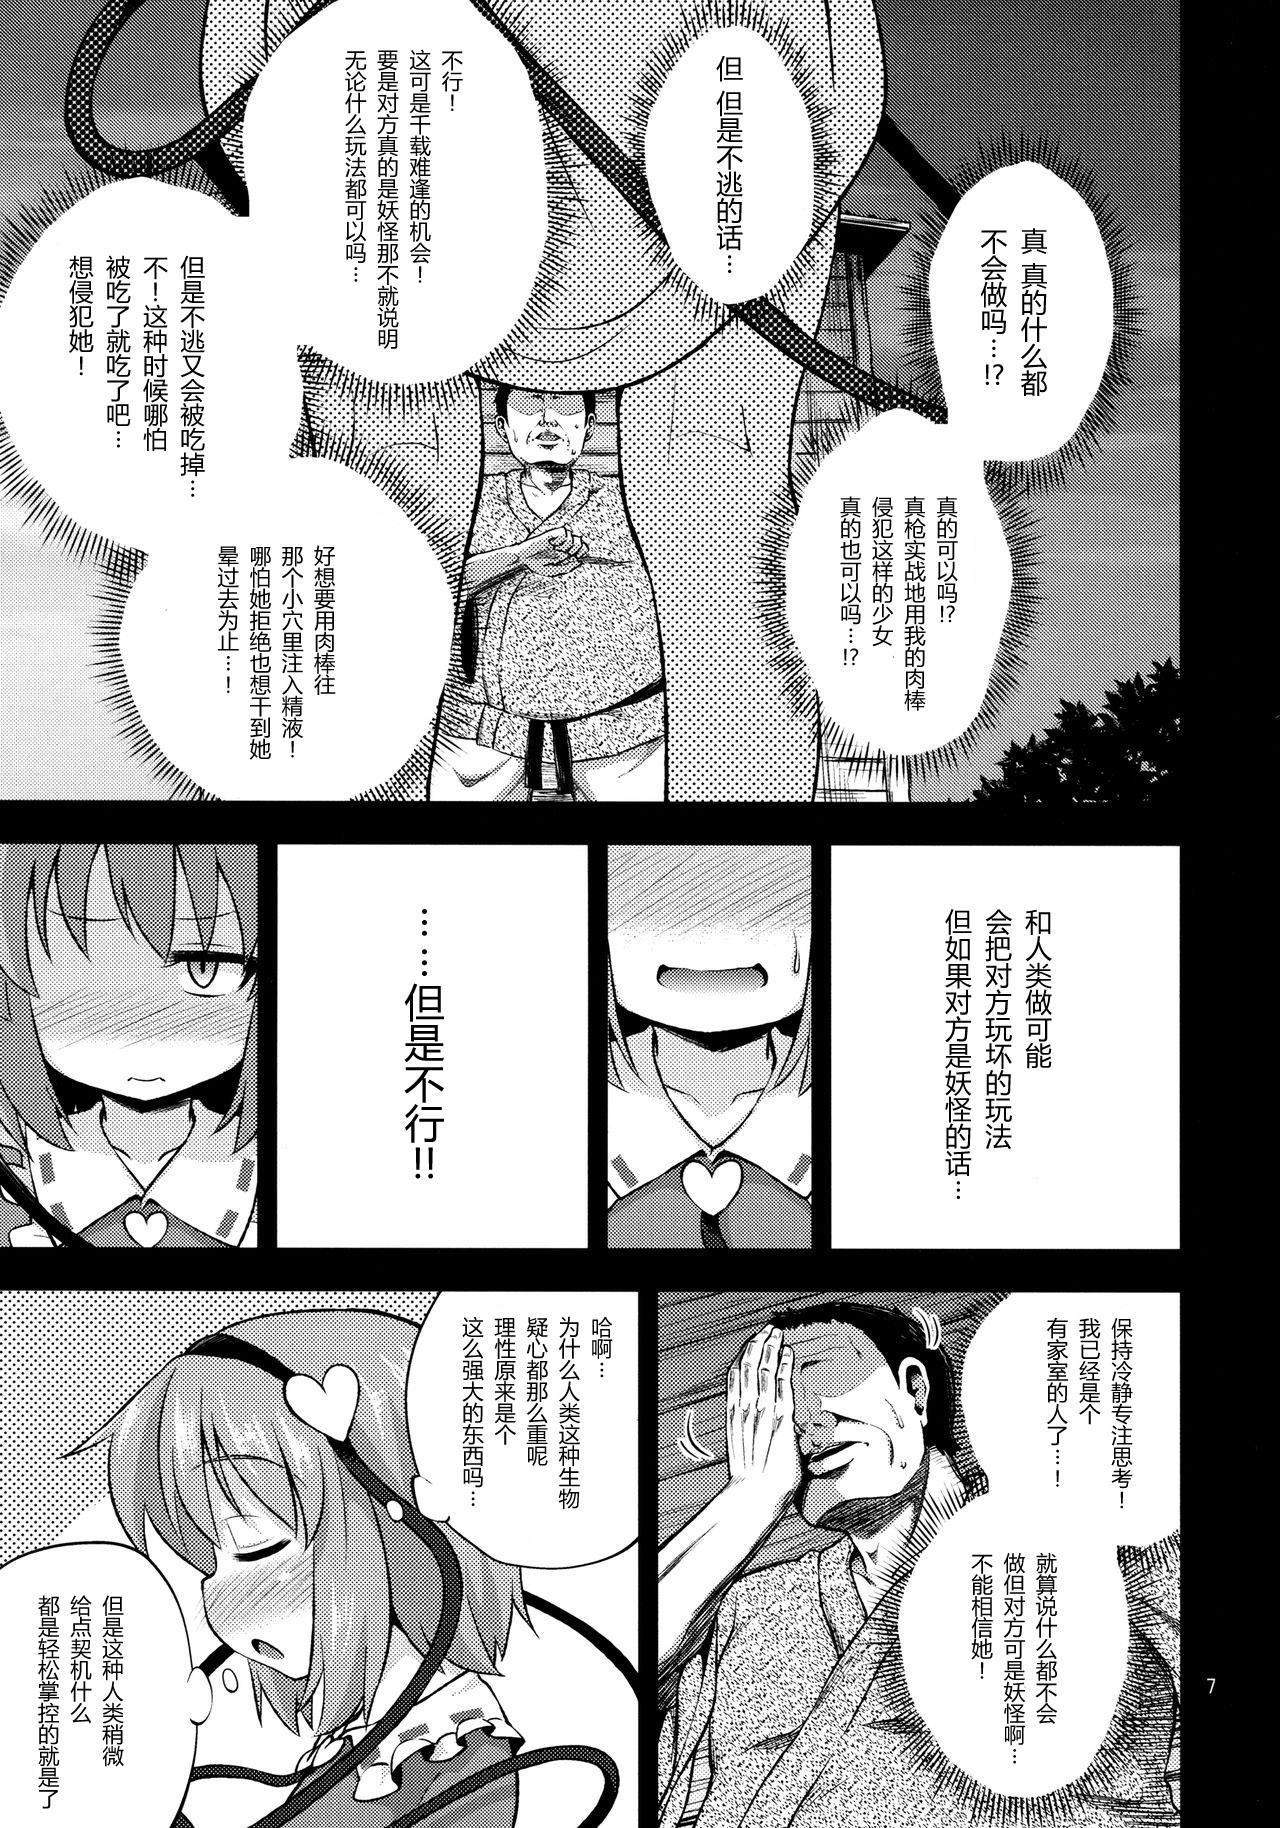 Hentai Satori wa Senyou Maso Hole 5